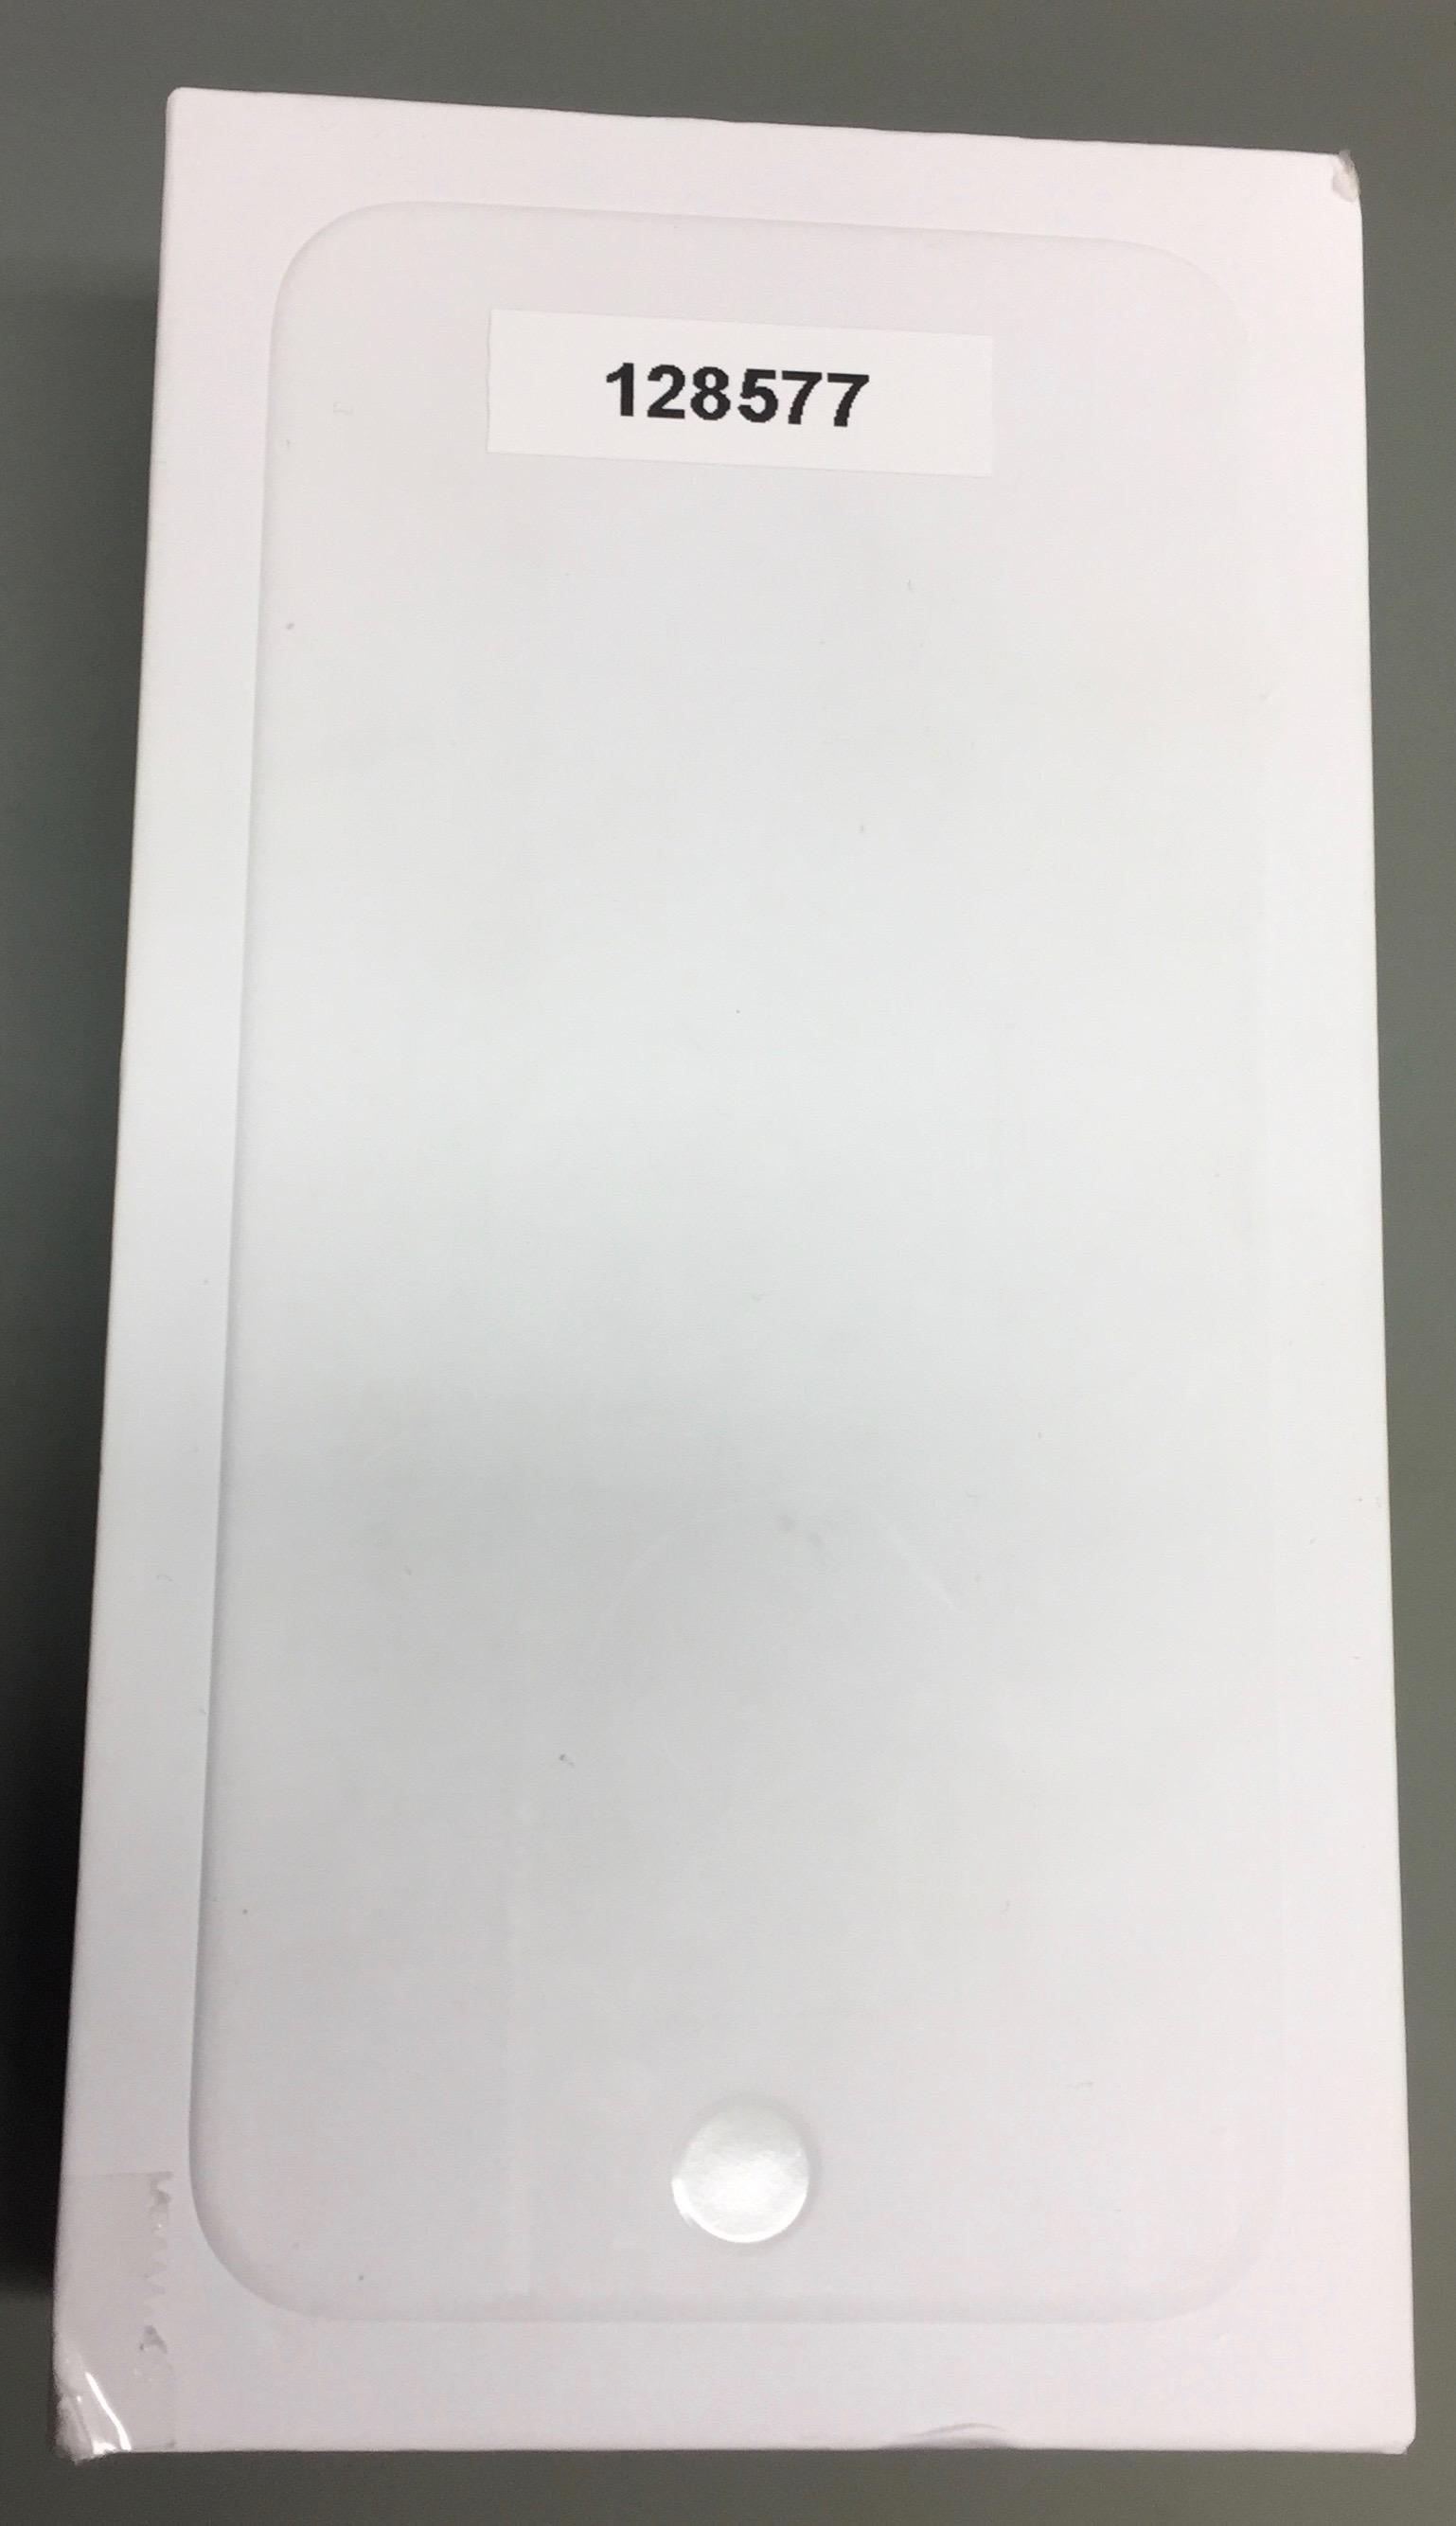 iPhone 6plus, 64 GB, Gris espacial, imagen 9